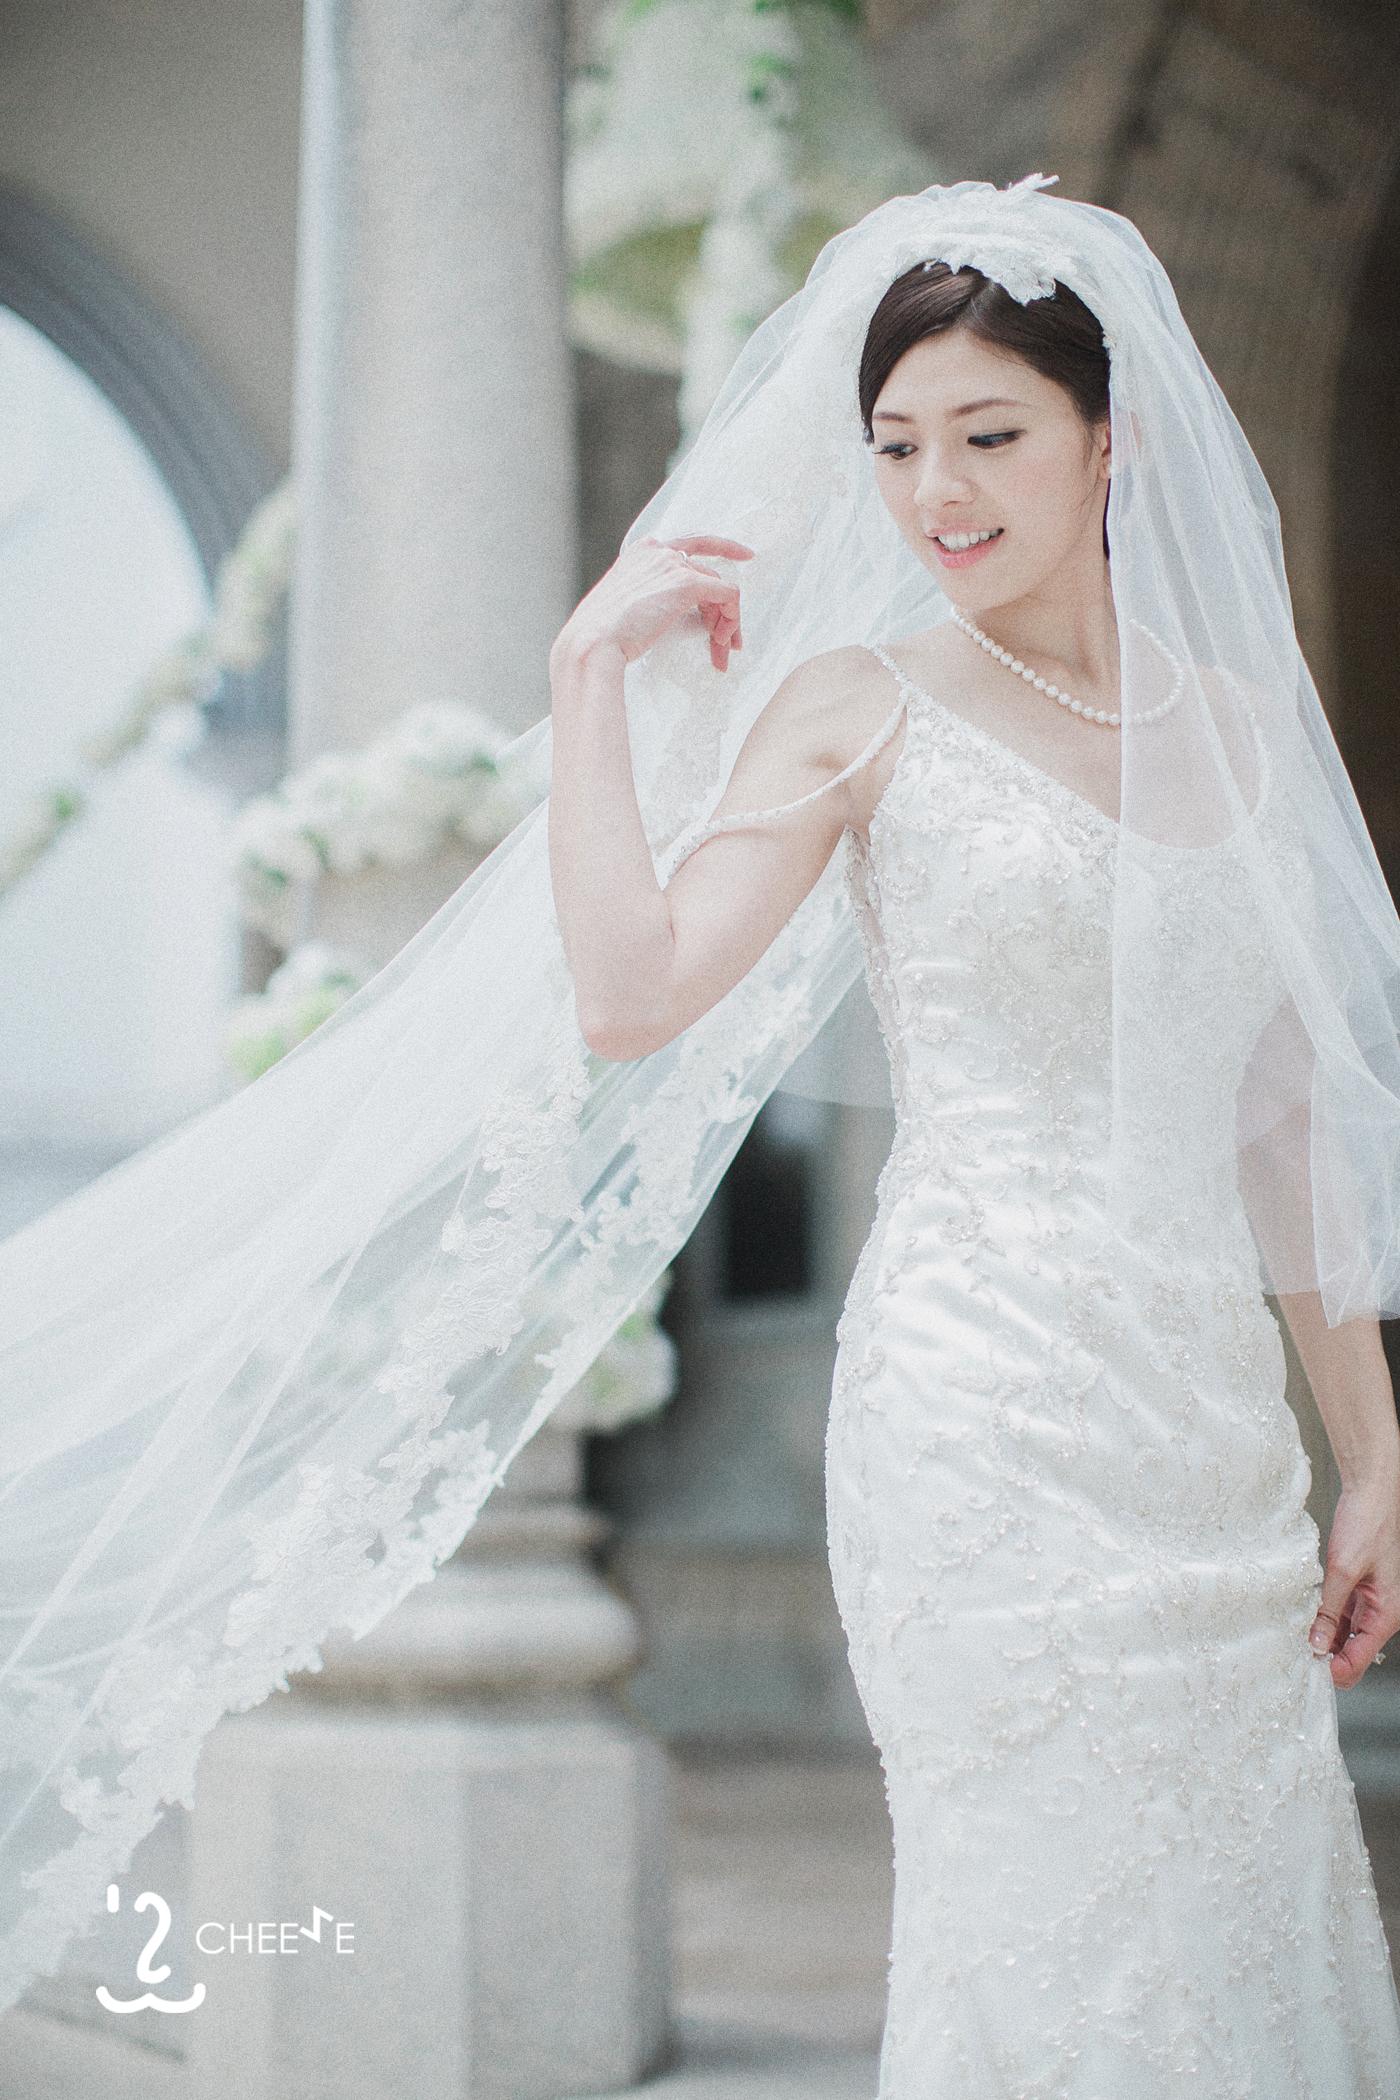 bride-wedding photo